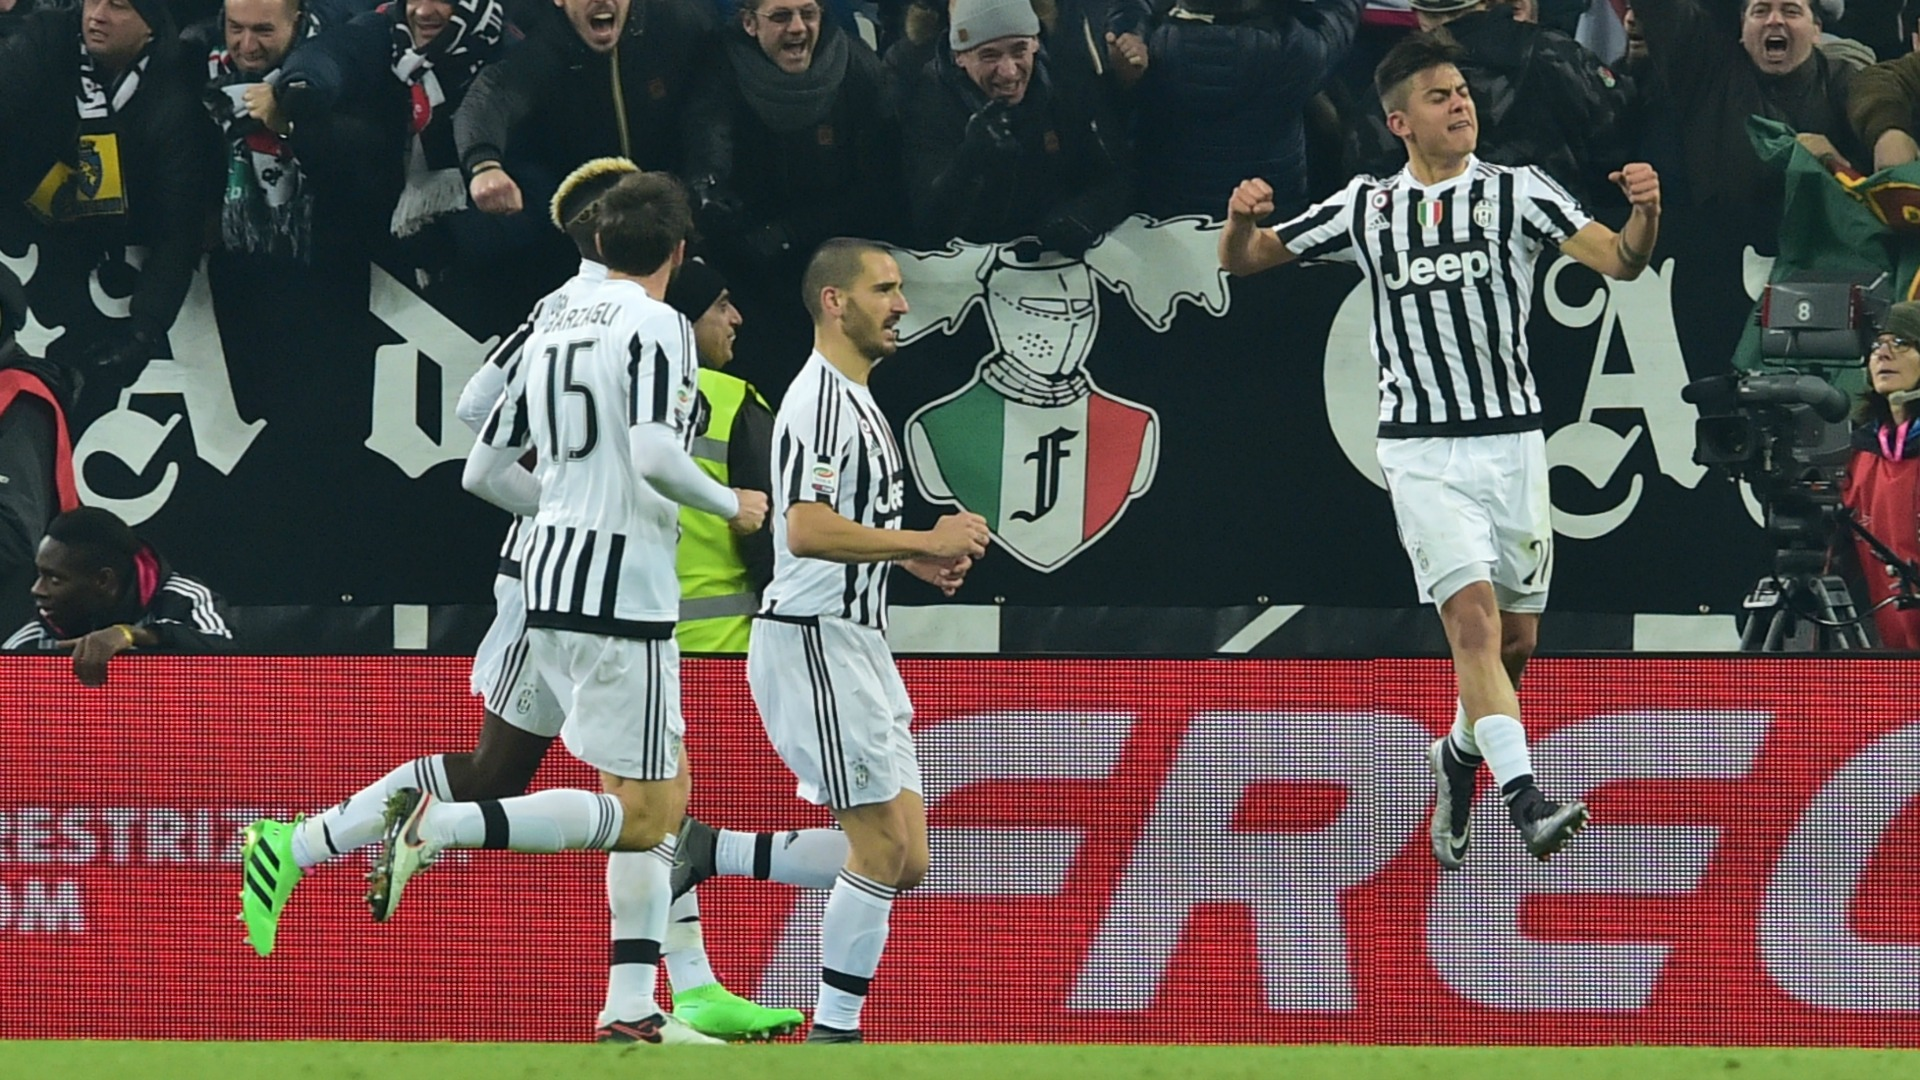 Video: Juventus vs AS Roma